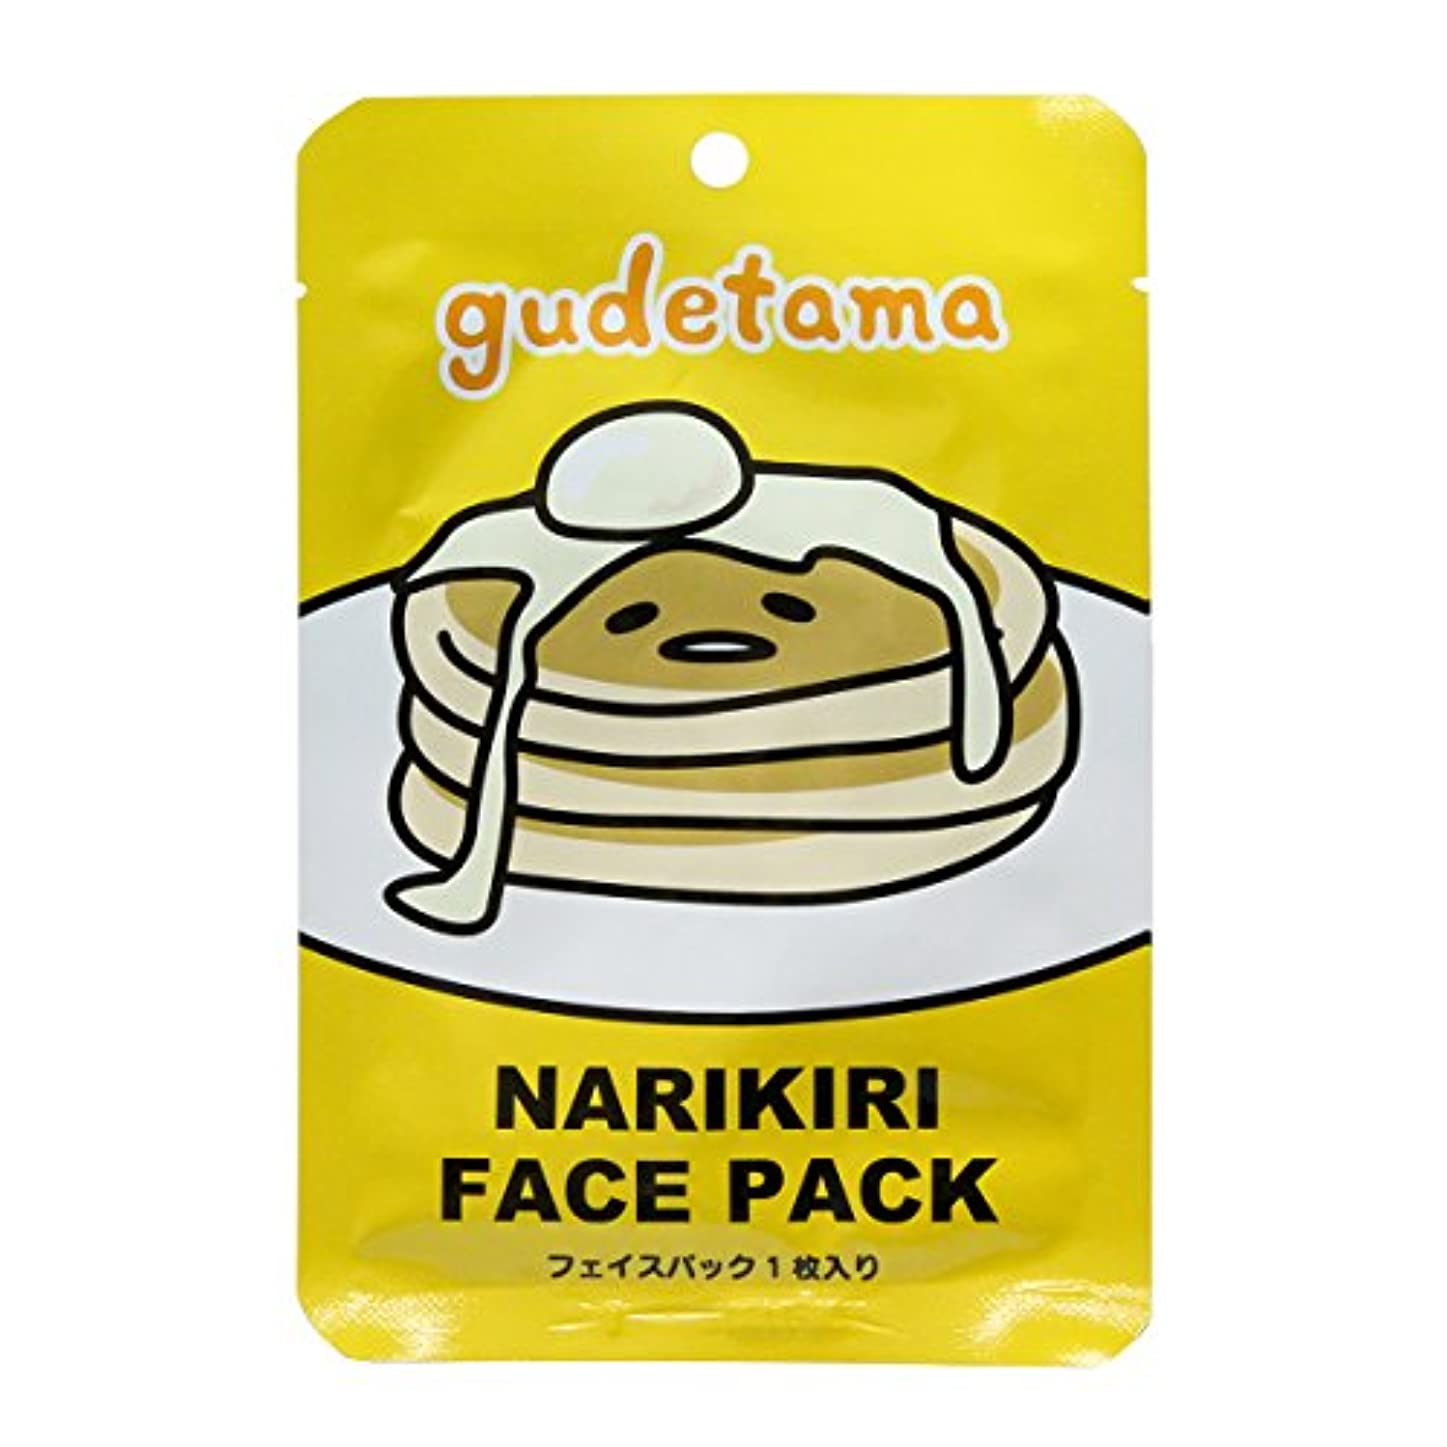 ぐでたま なりきりフェイスパック パンケーキ バニラの香り (20mL × 1枚入)